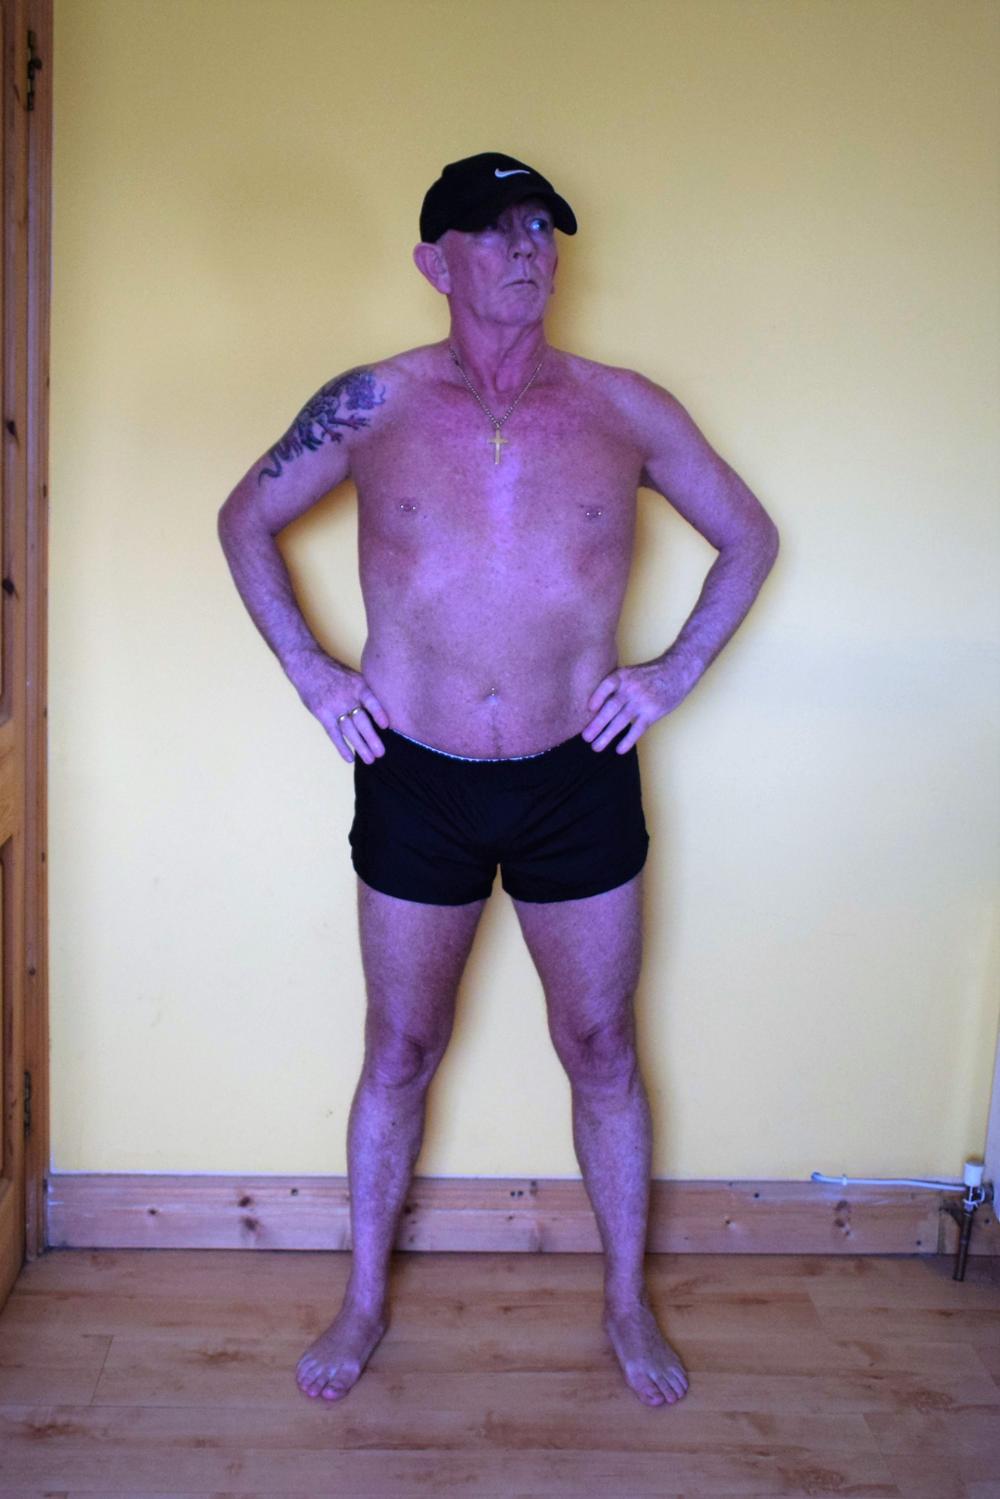 Soutong Männer Unterhosen Männer Unterwäsche Boxer Shorts Plaid Gedruckt Männer Casual Hause Unterhose Shorts Cueca Boxer Männer Jjk03 Herren-unterwäsche